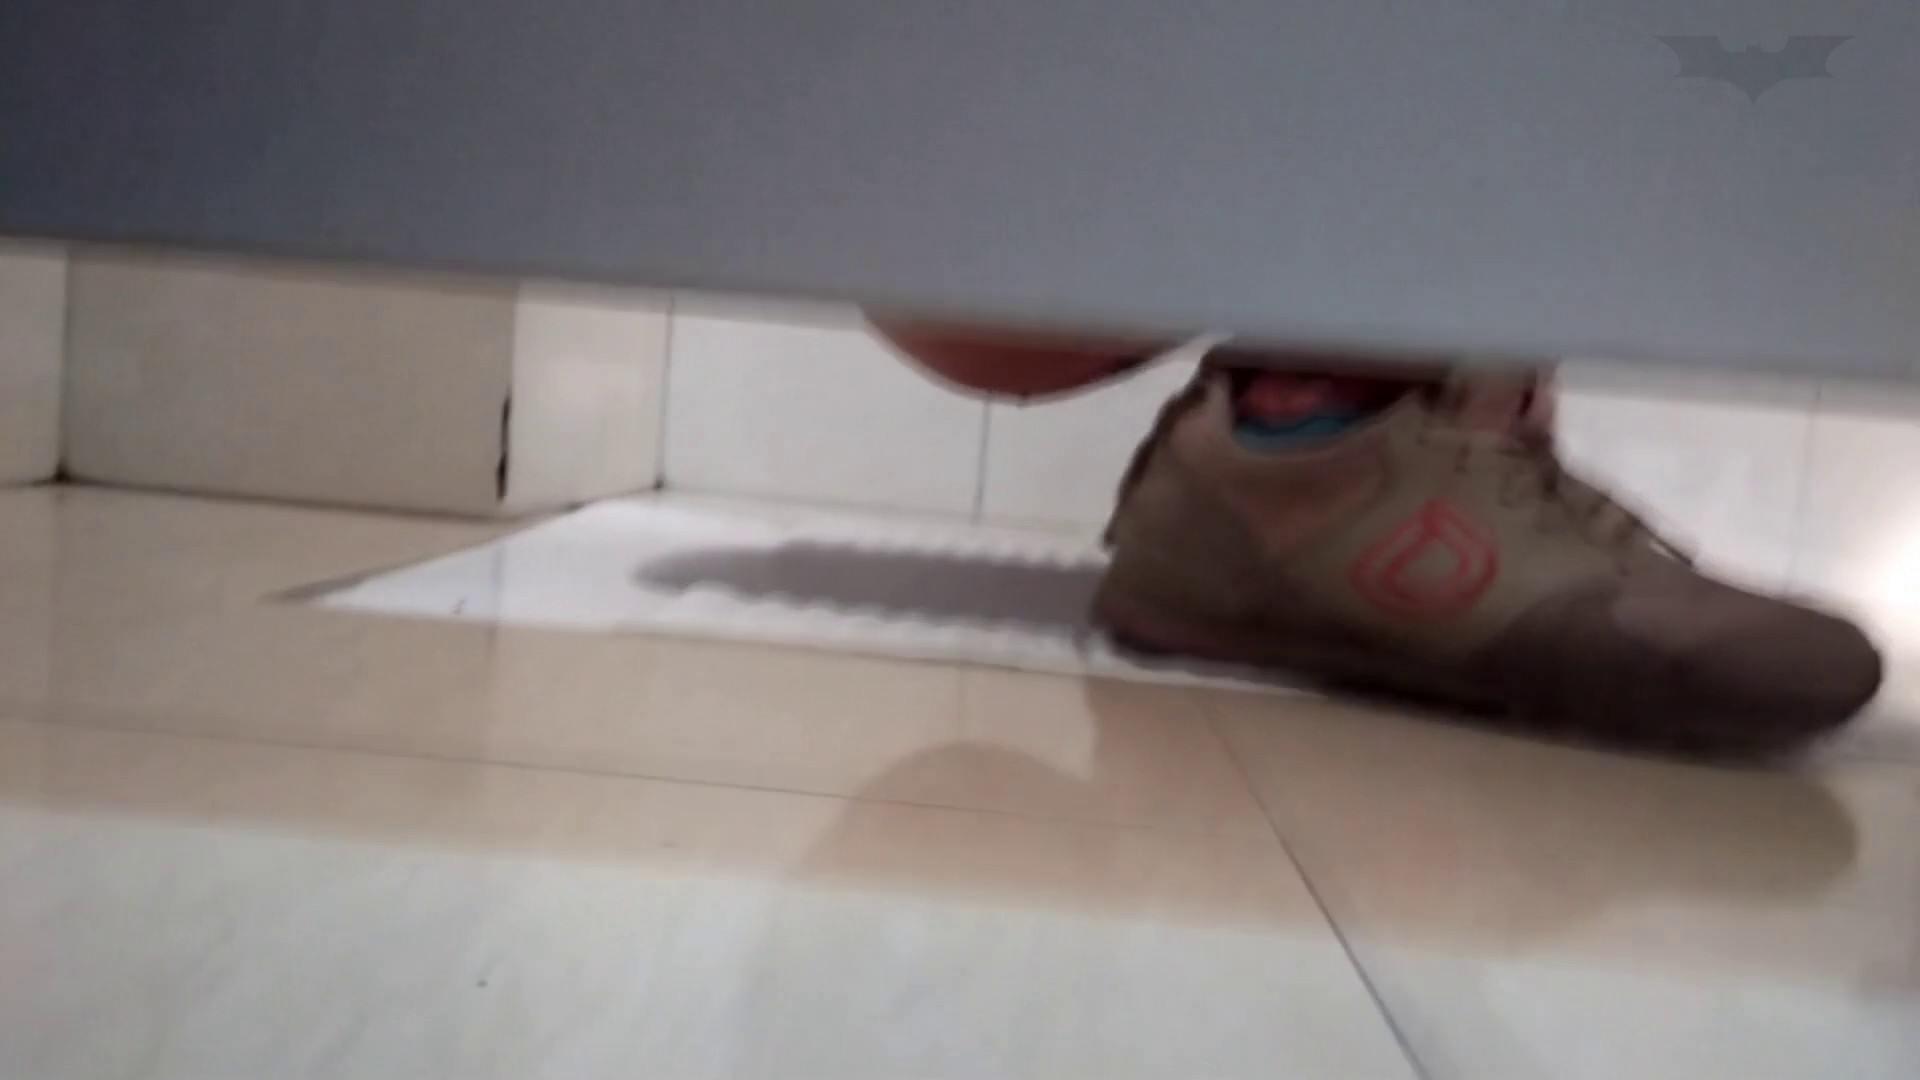 芸術大学ガチ潜入盗撮 JD盗撮 美女の洗面所の秘密 Vol.97 洗面所  91PIX 52